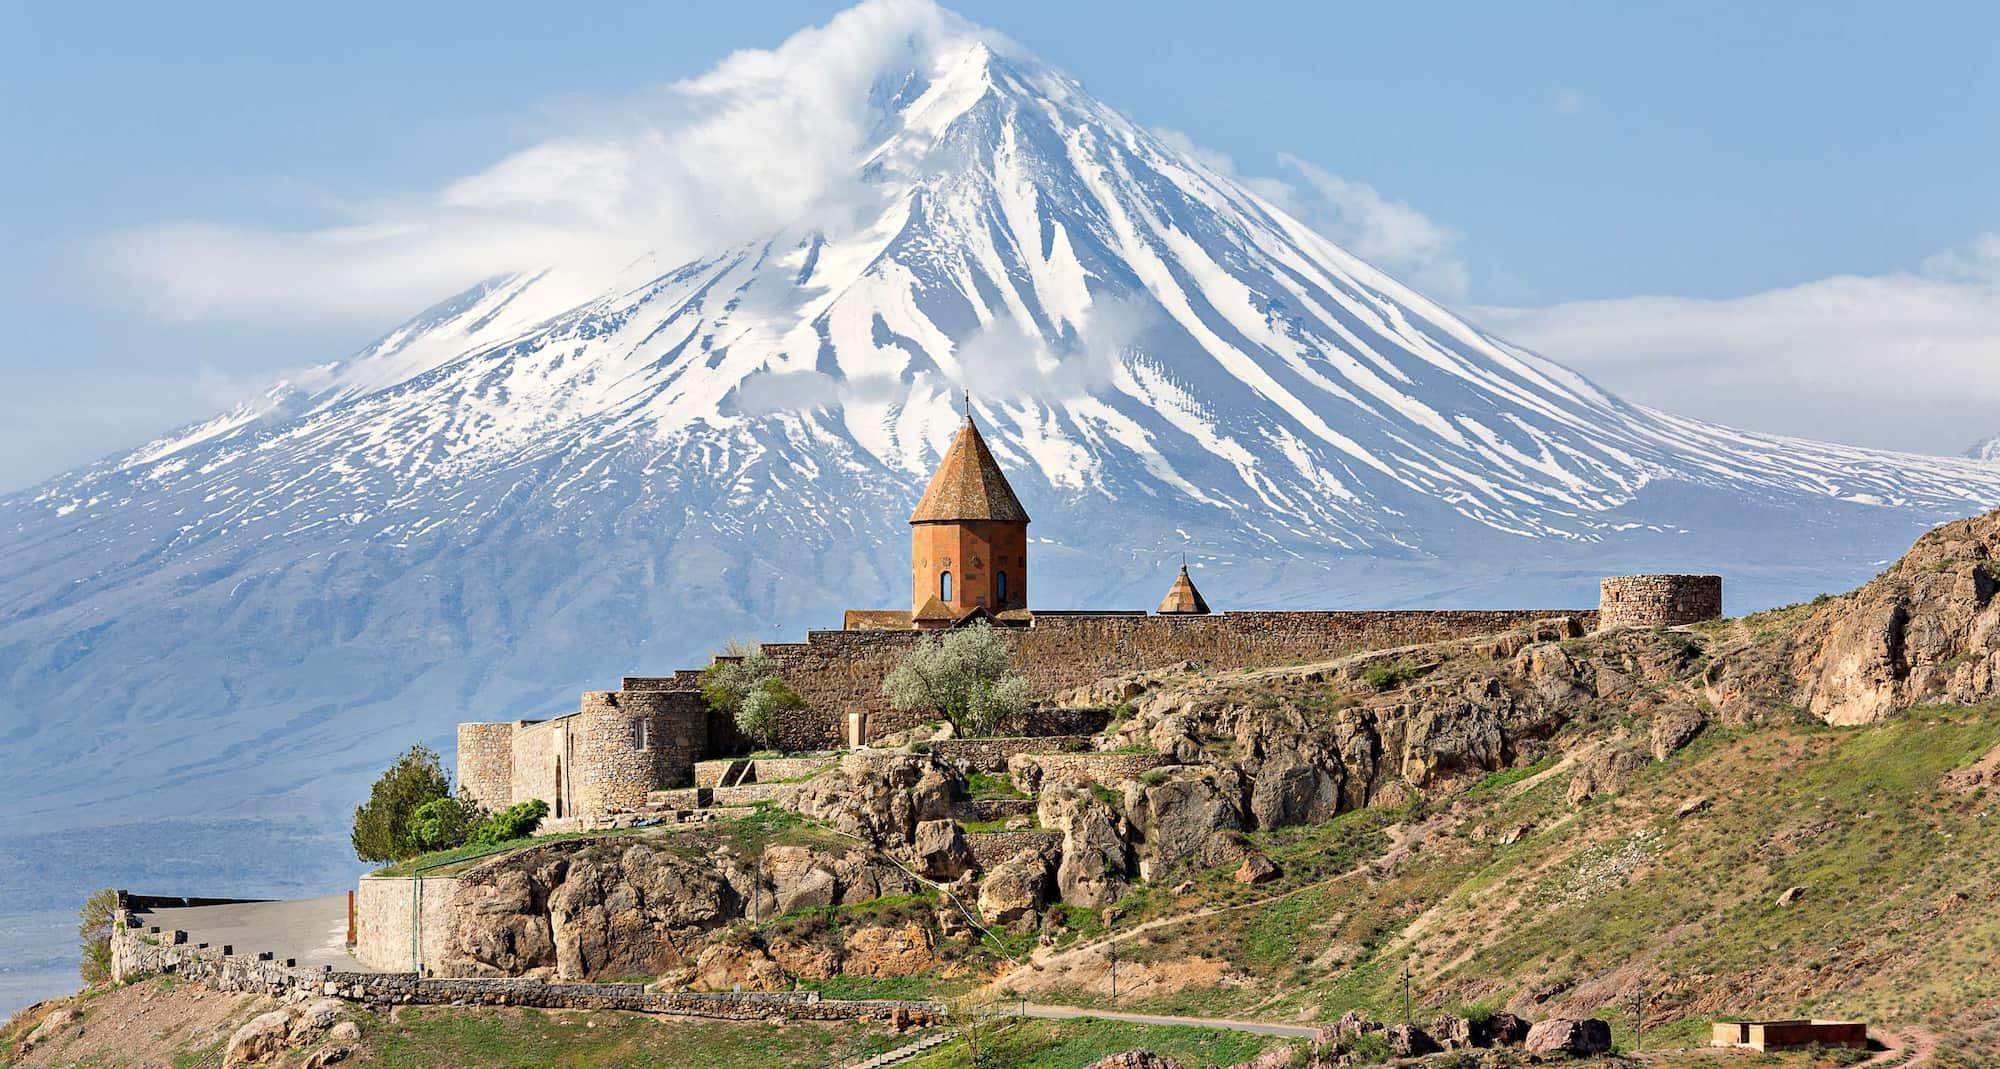 фото про армению этом случае нет